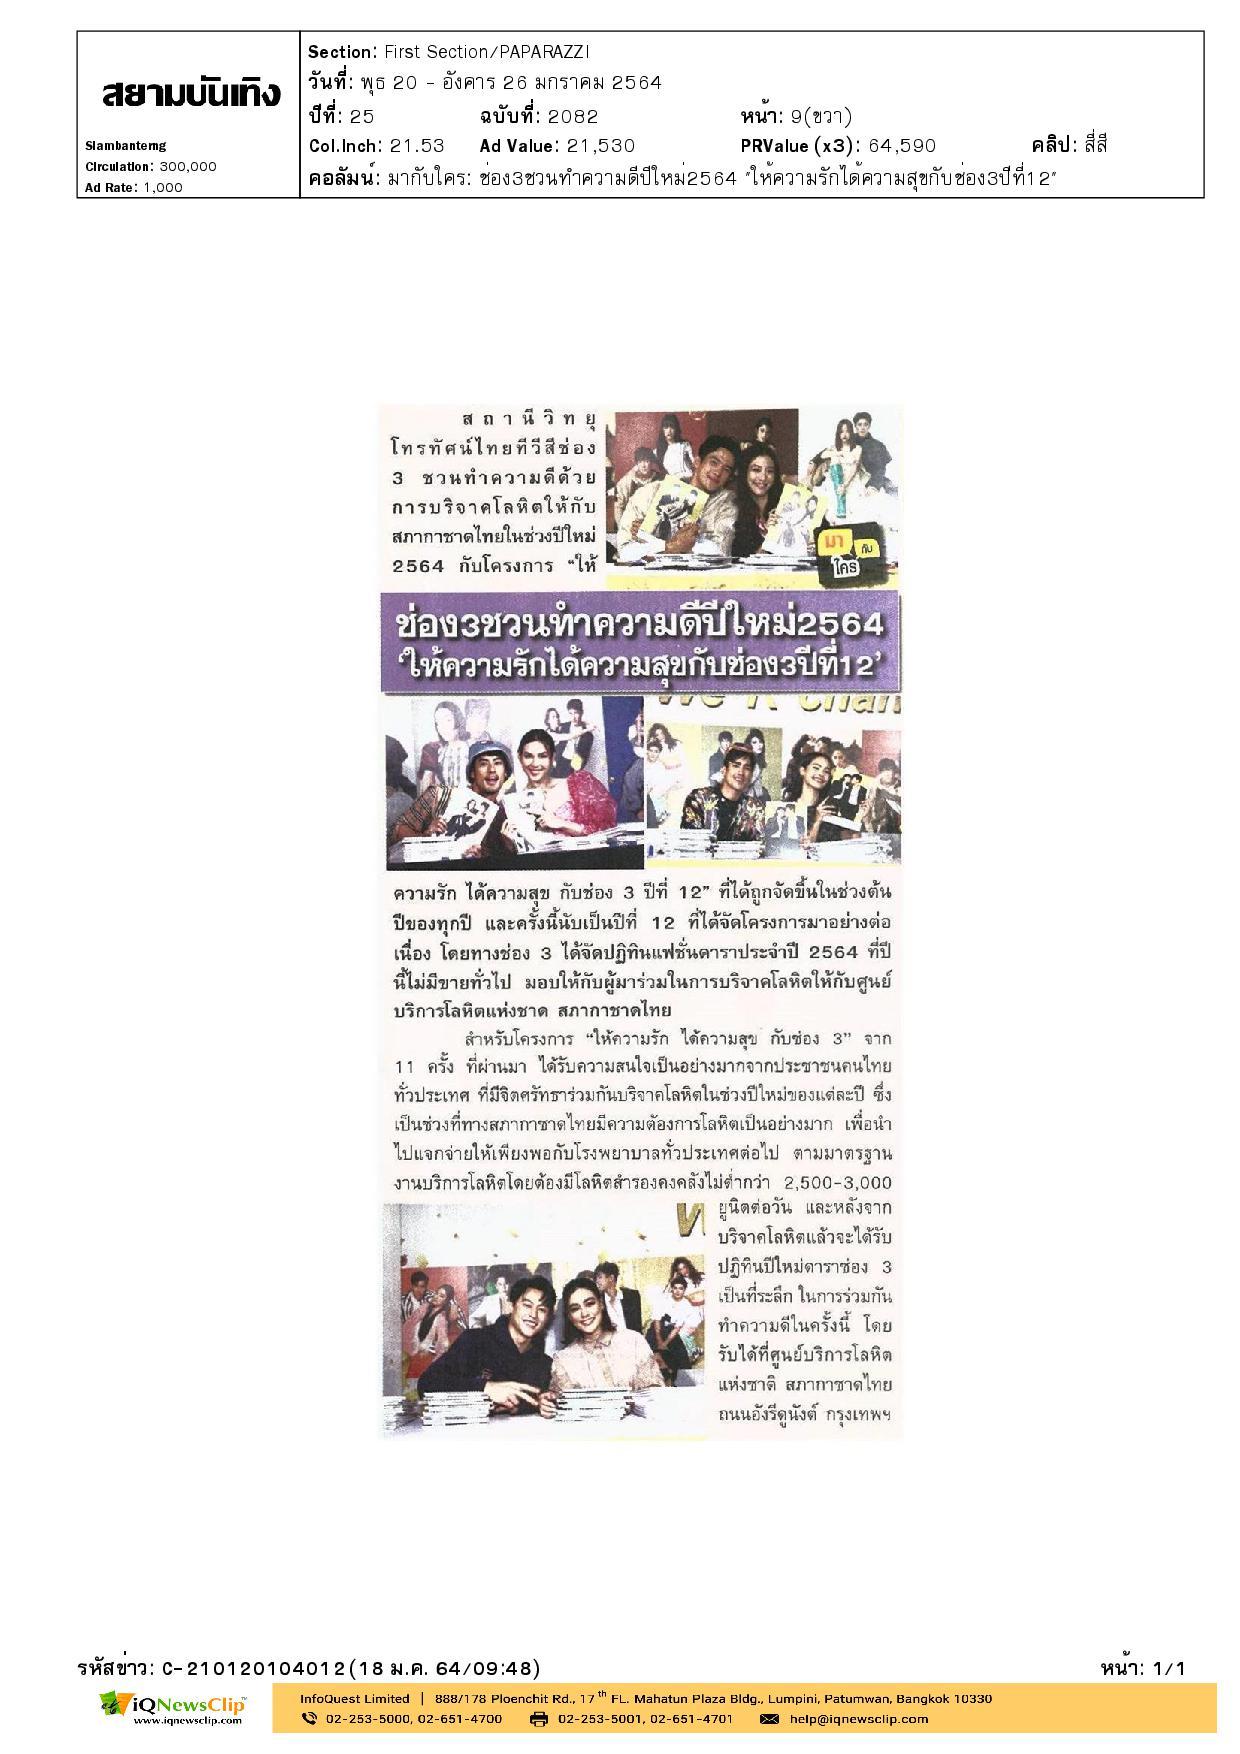 ช่อง 3 ชวนทำความดีด้วยการบริจาคโลหิตให้กับสภากาชาดไทย